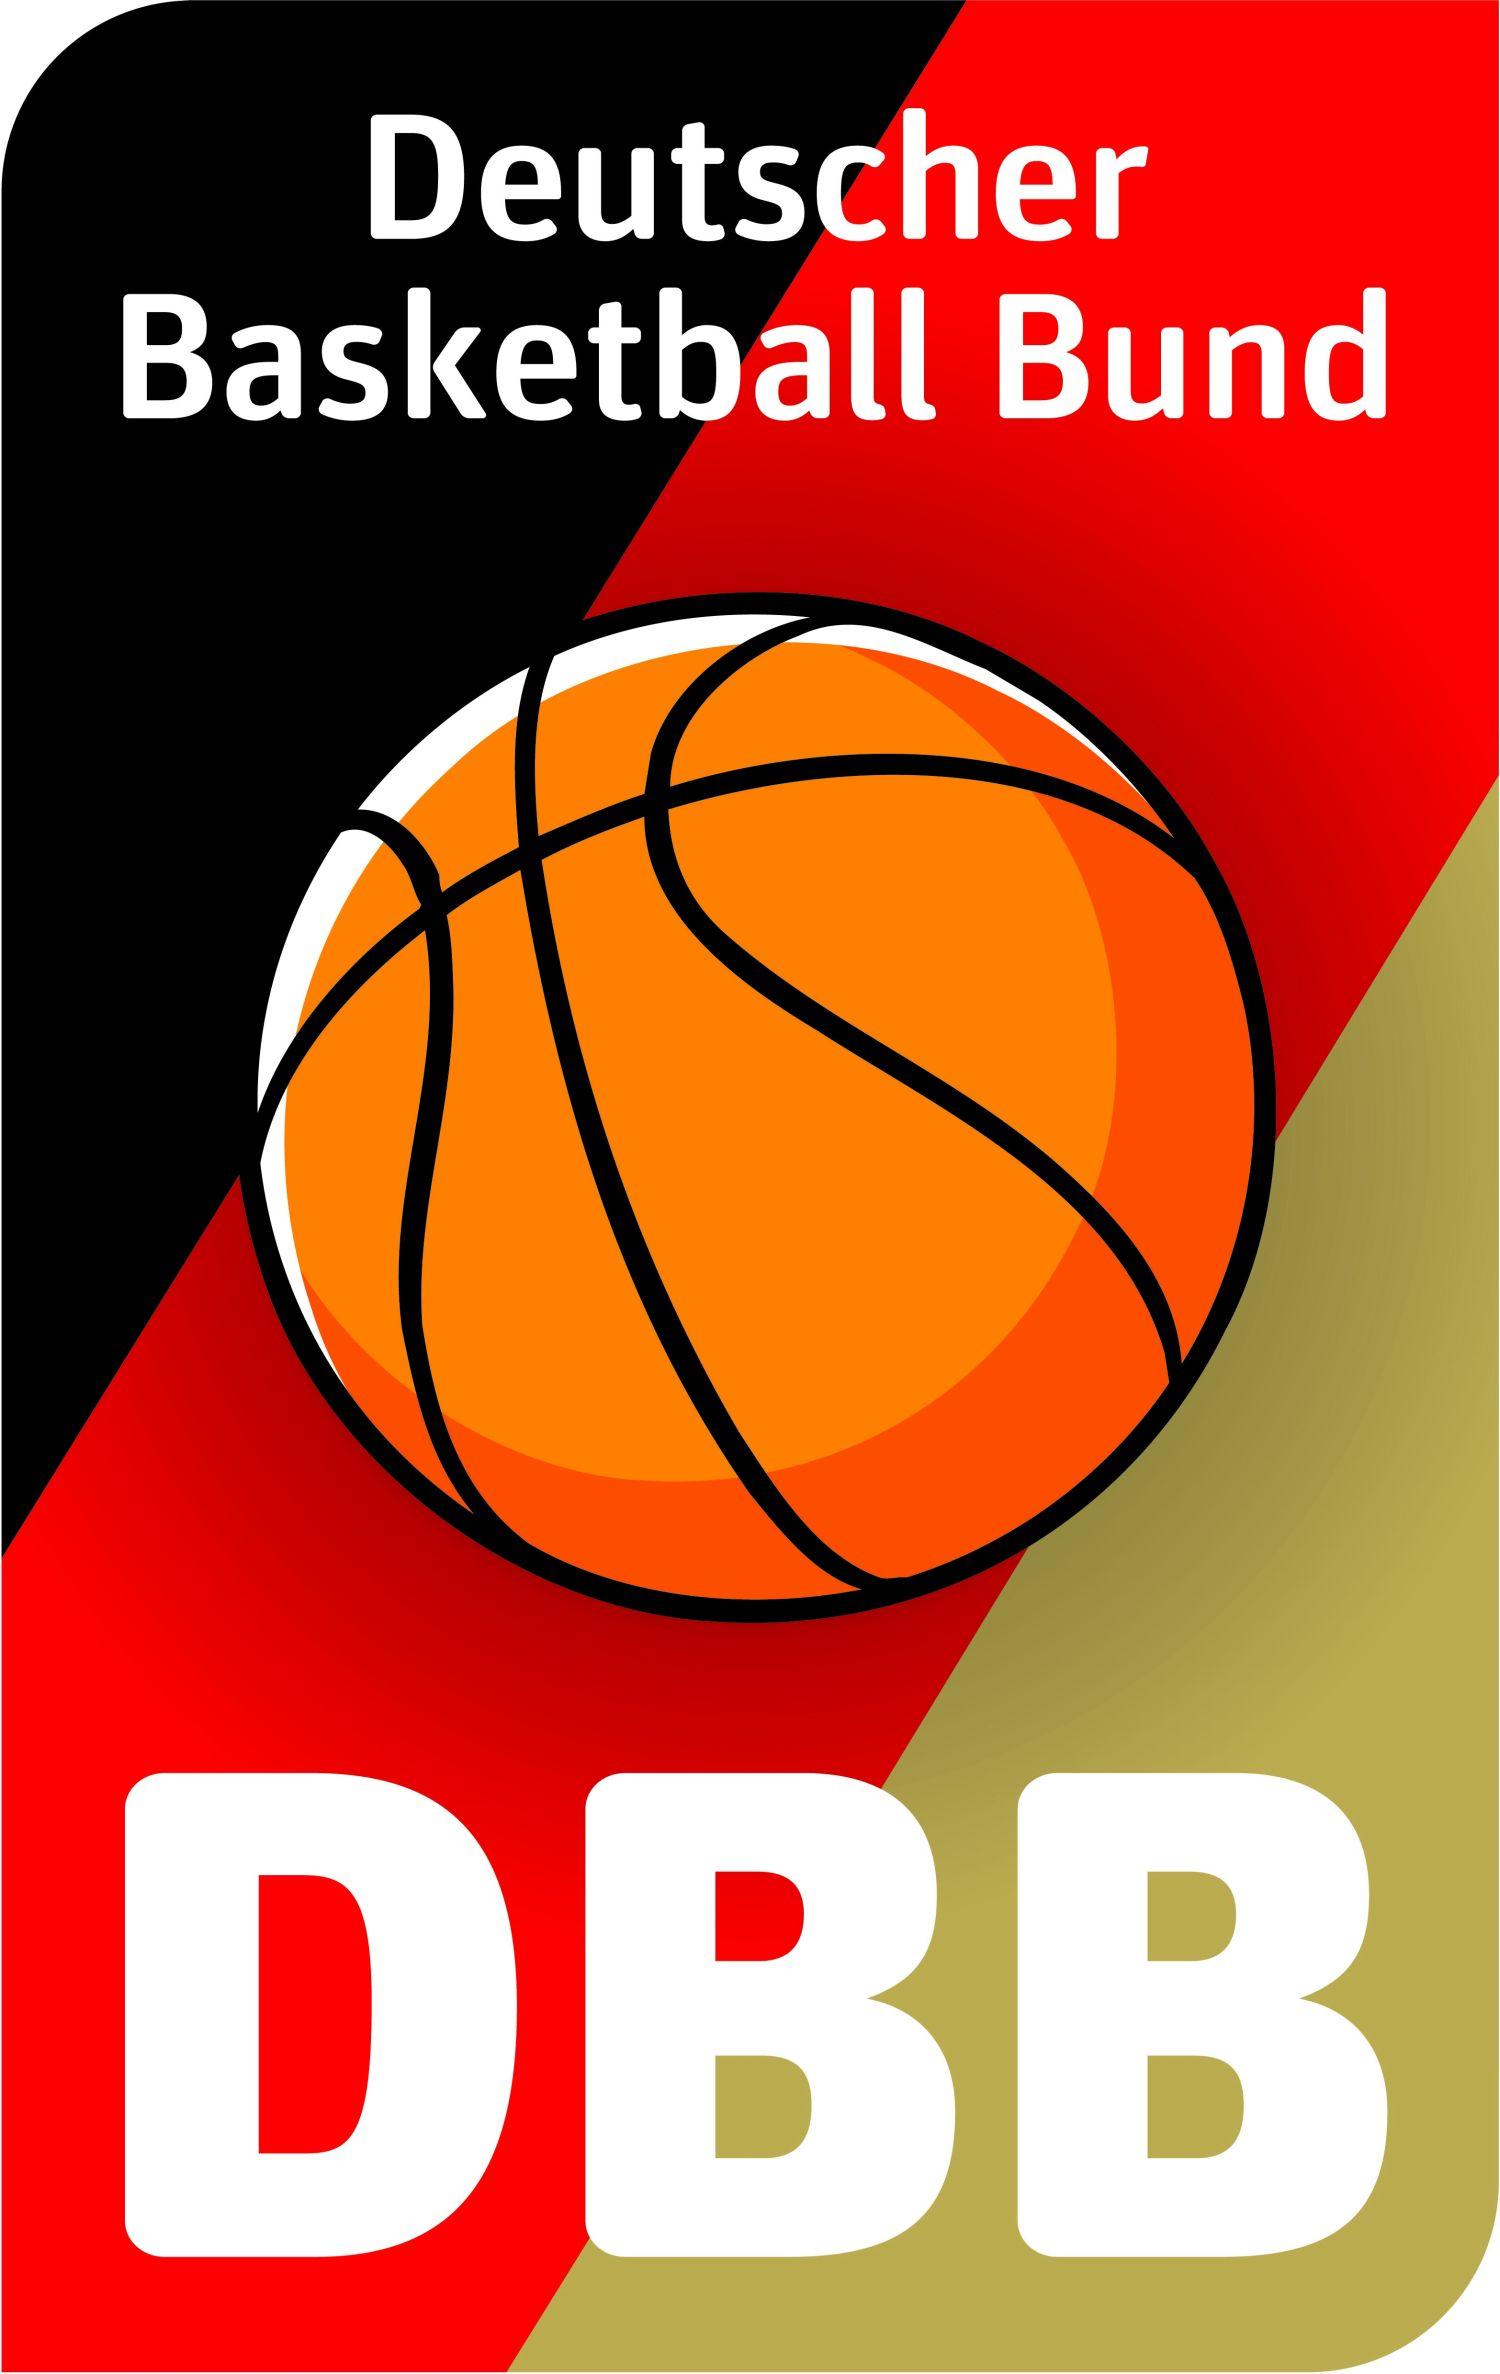 deutsche basketballspieler